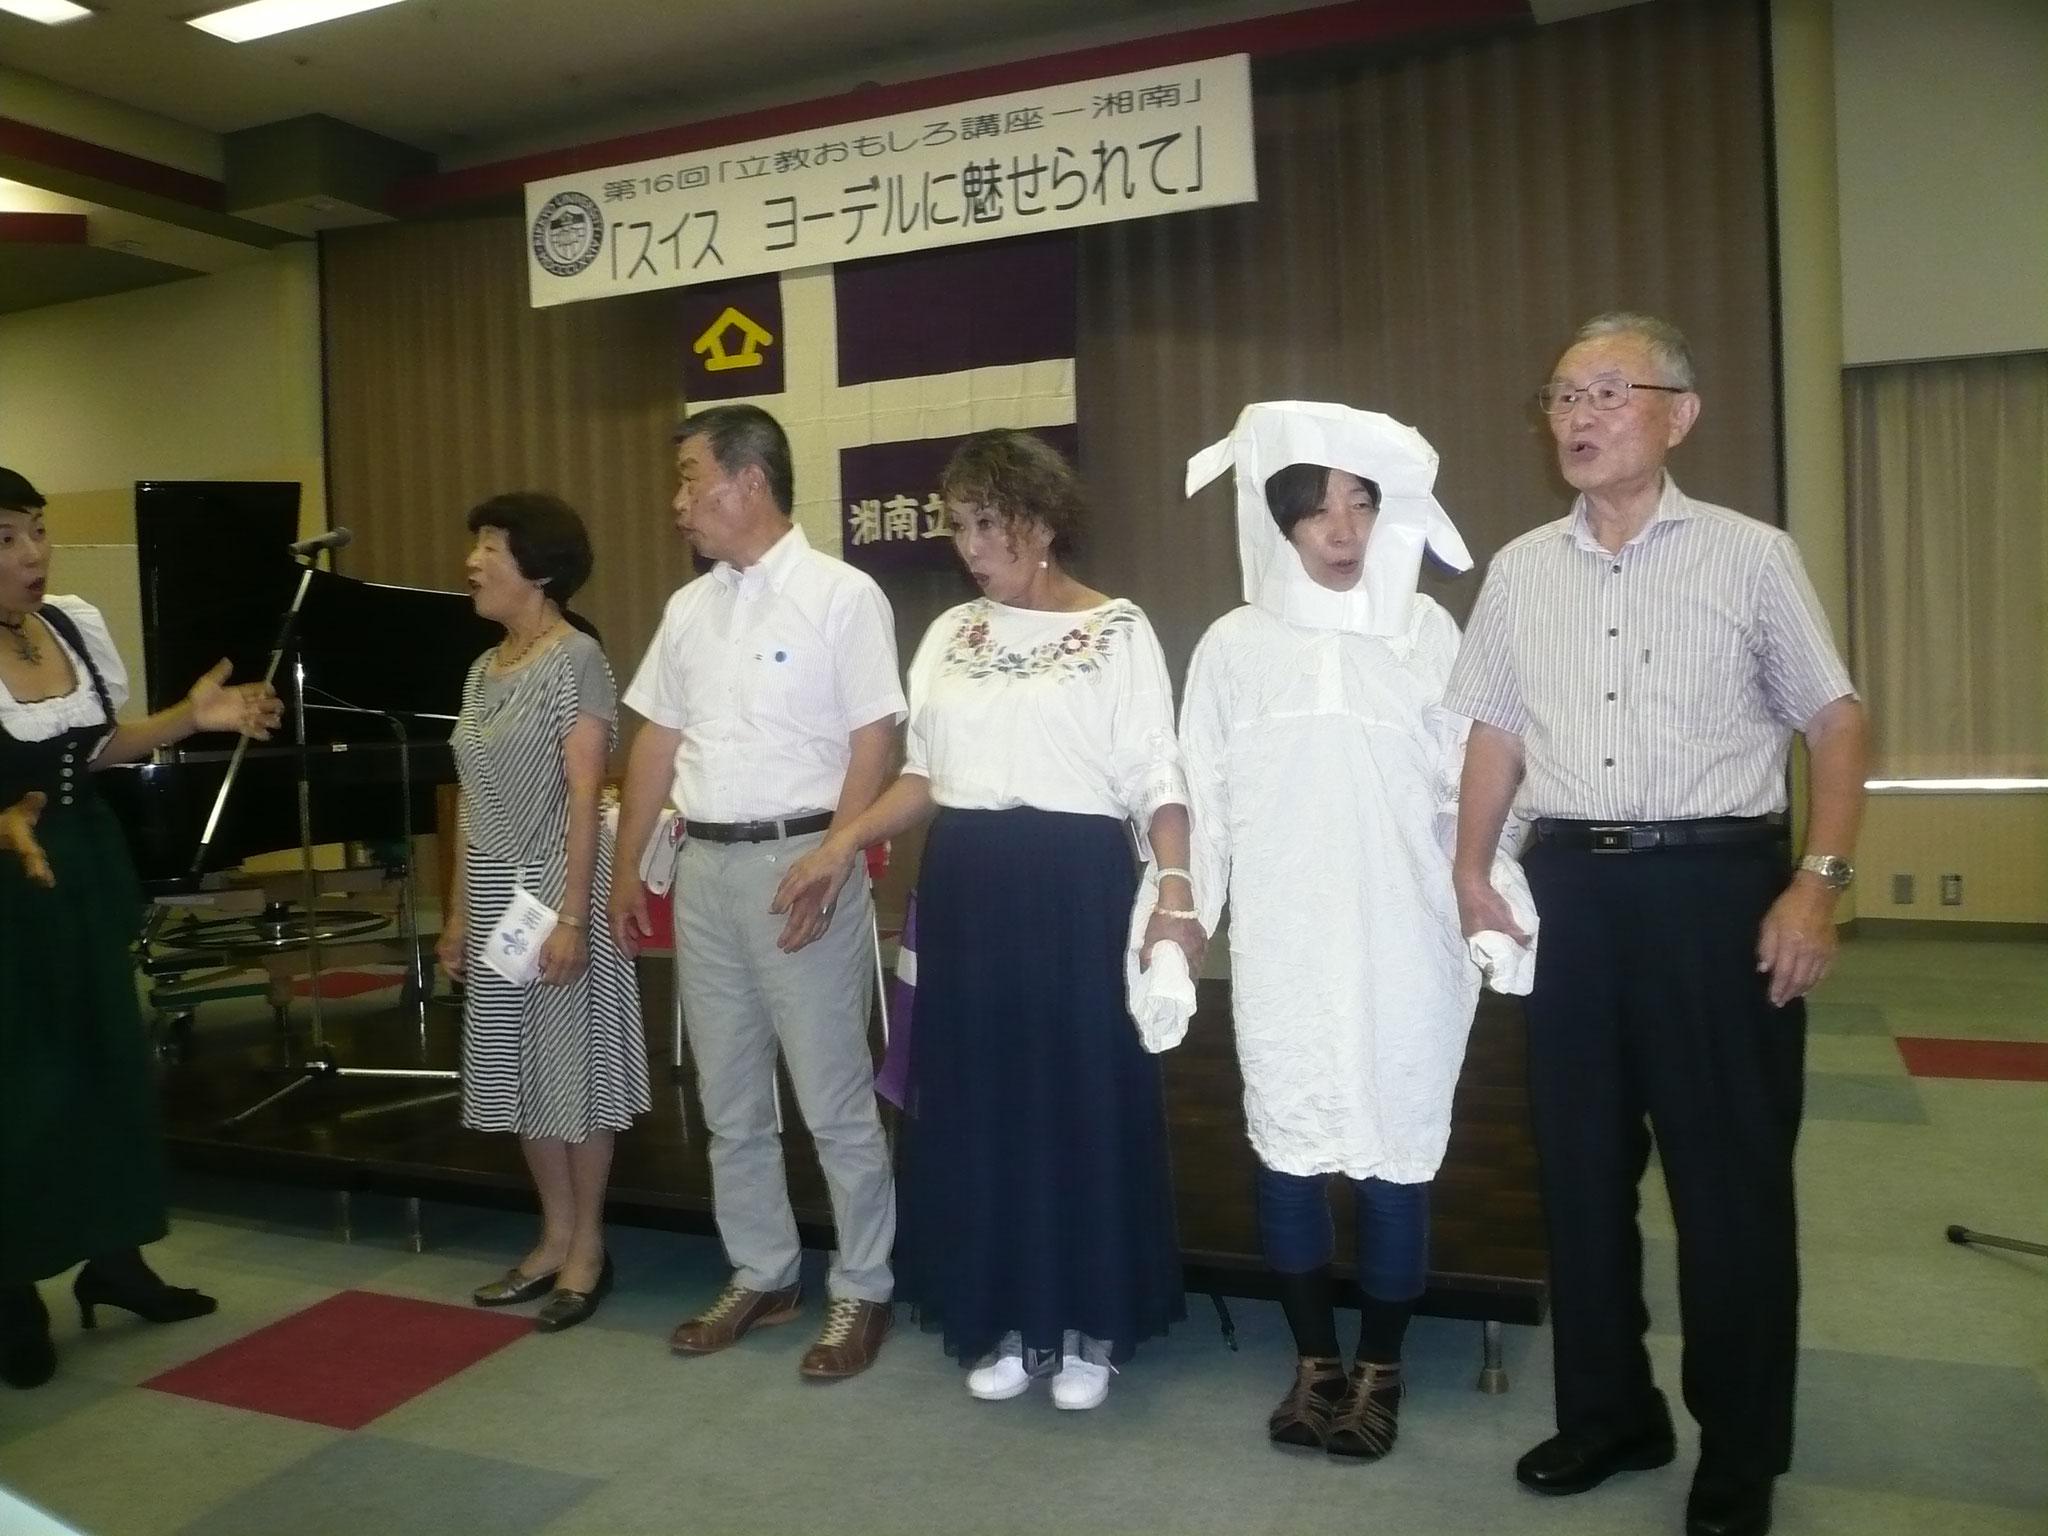 さあヨーデルを歌おうに志願した5人組えらい!」